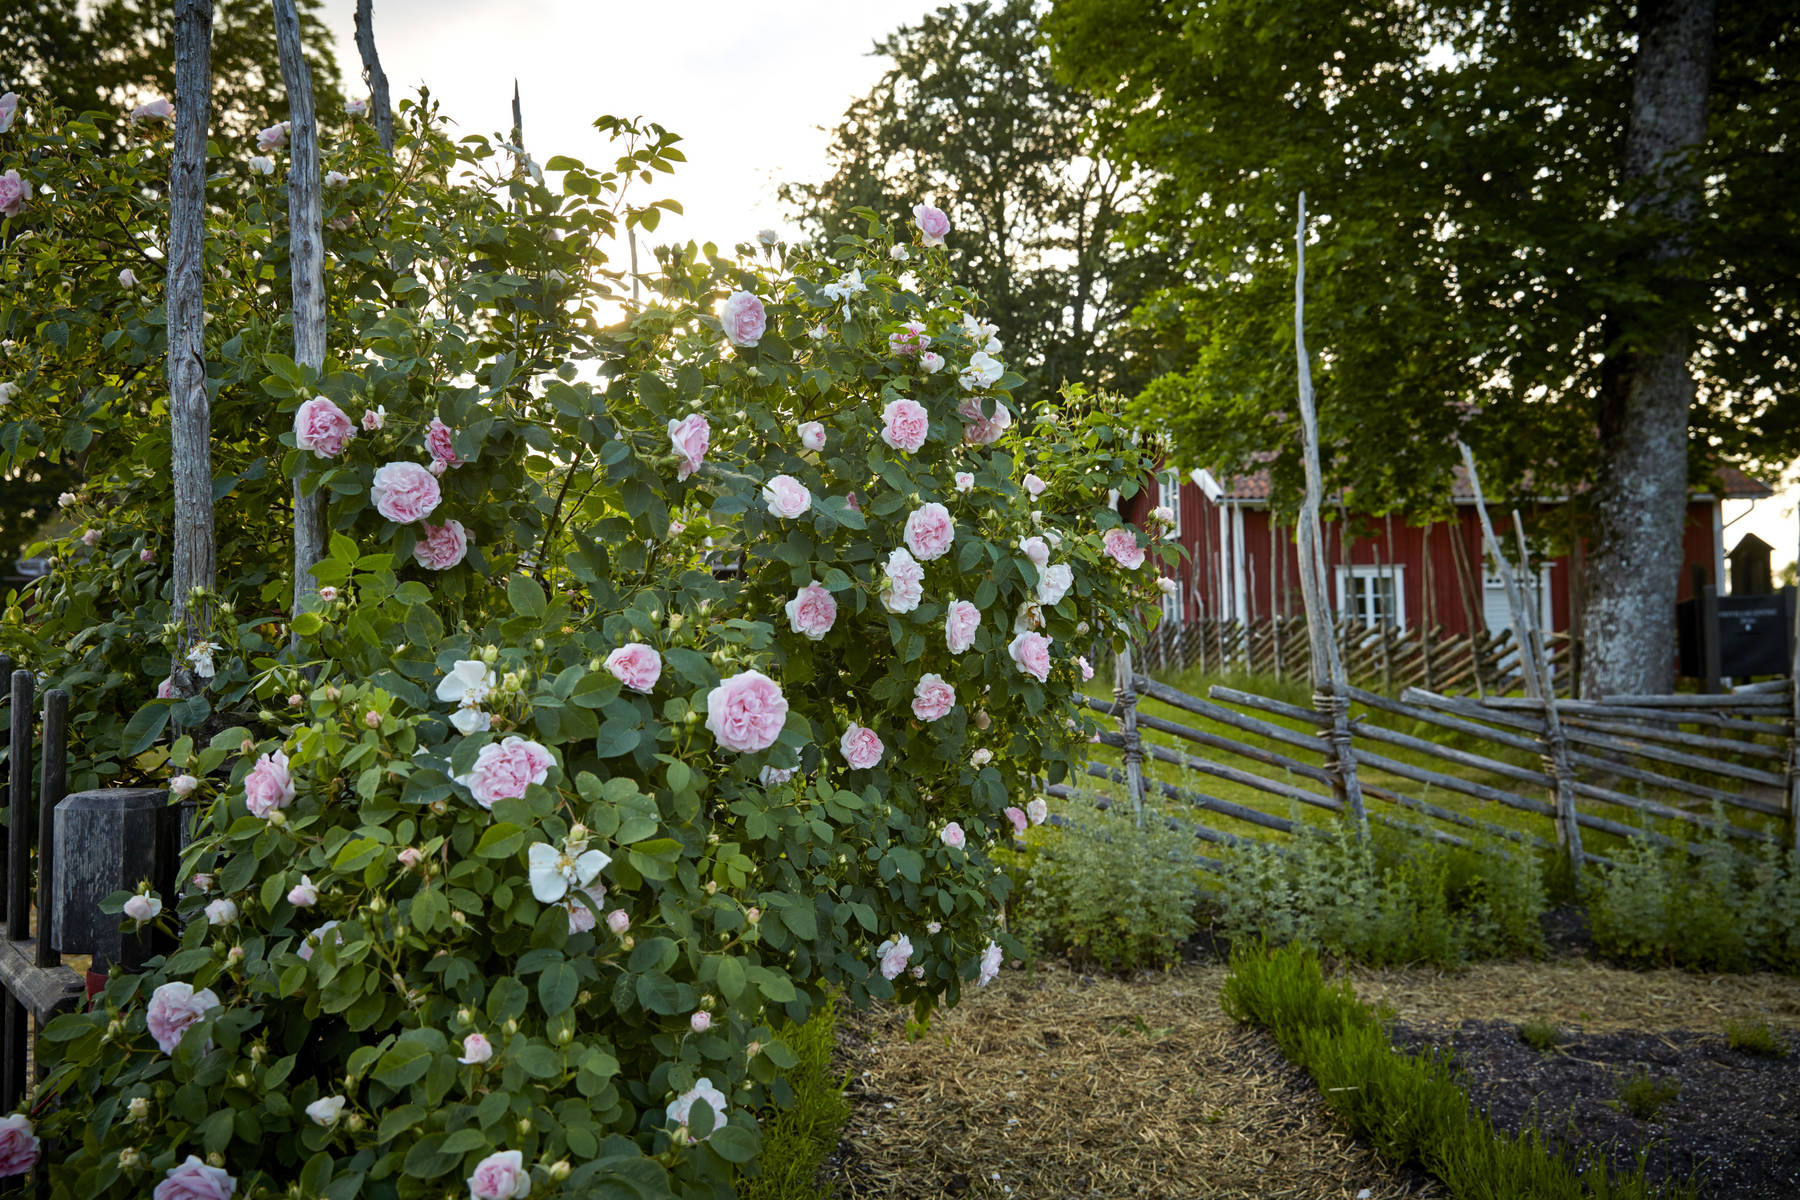 Carl von linne trädgård Råshult